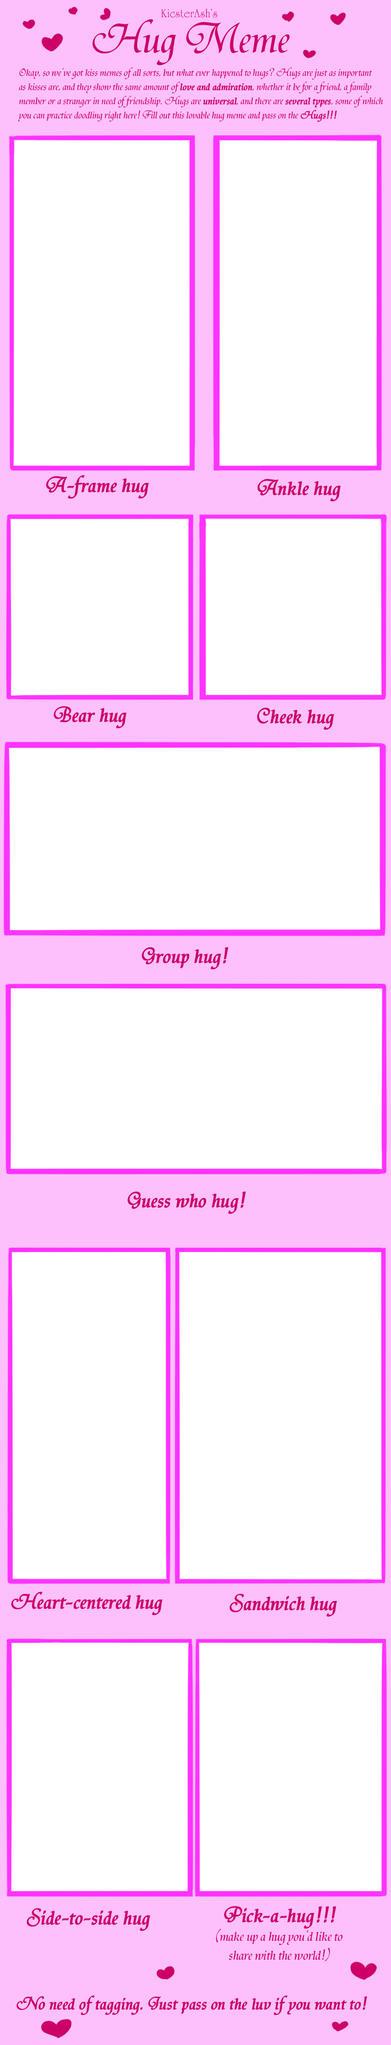 Hug Meme by KicsterAsh